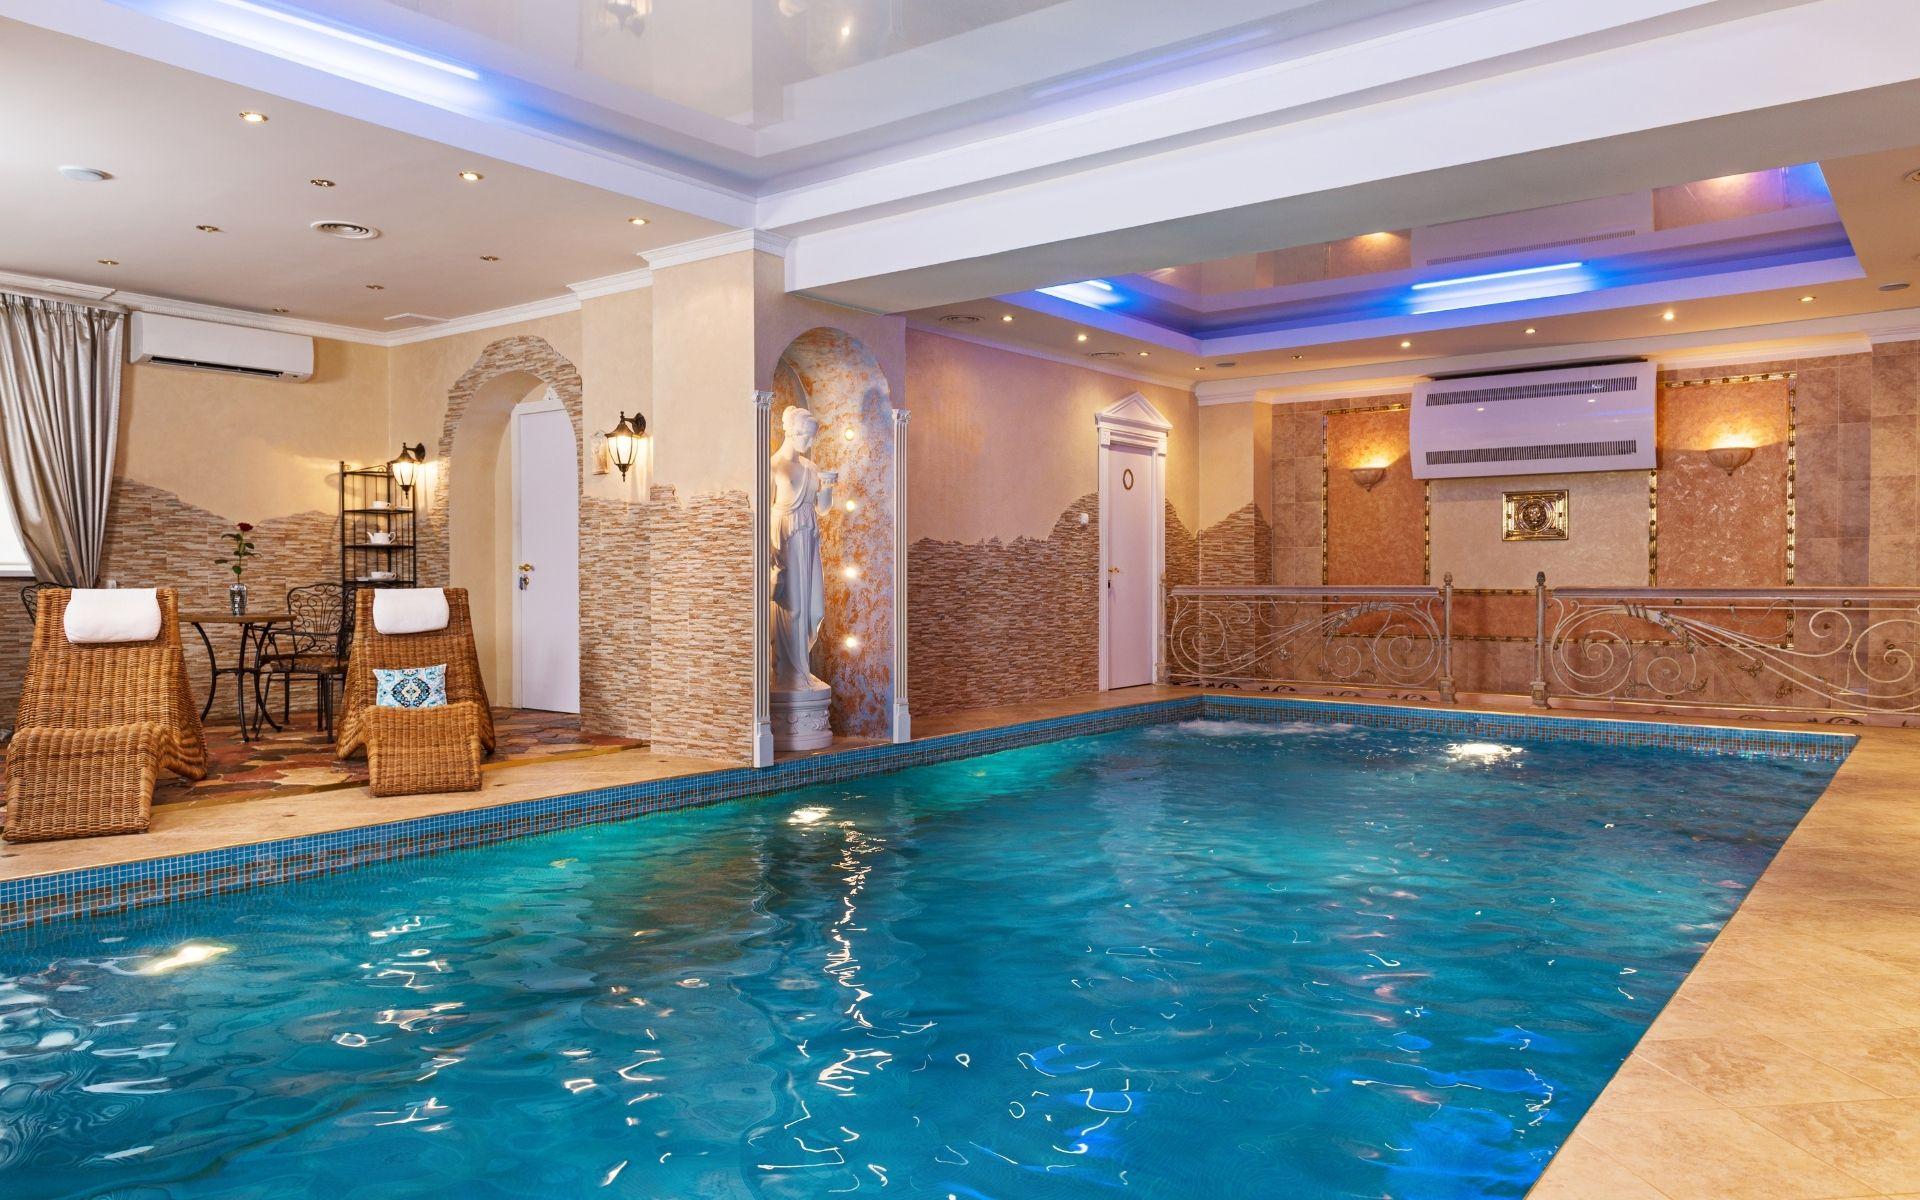 aquecimento de piscinas em condomínios